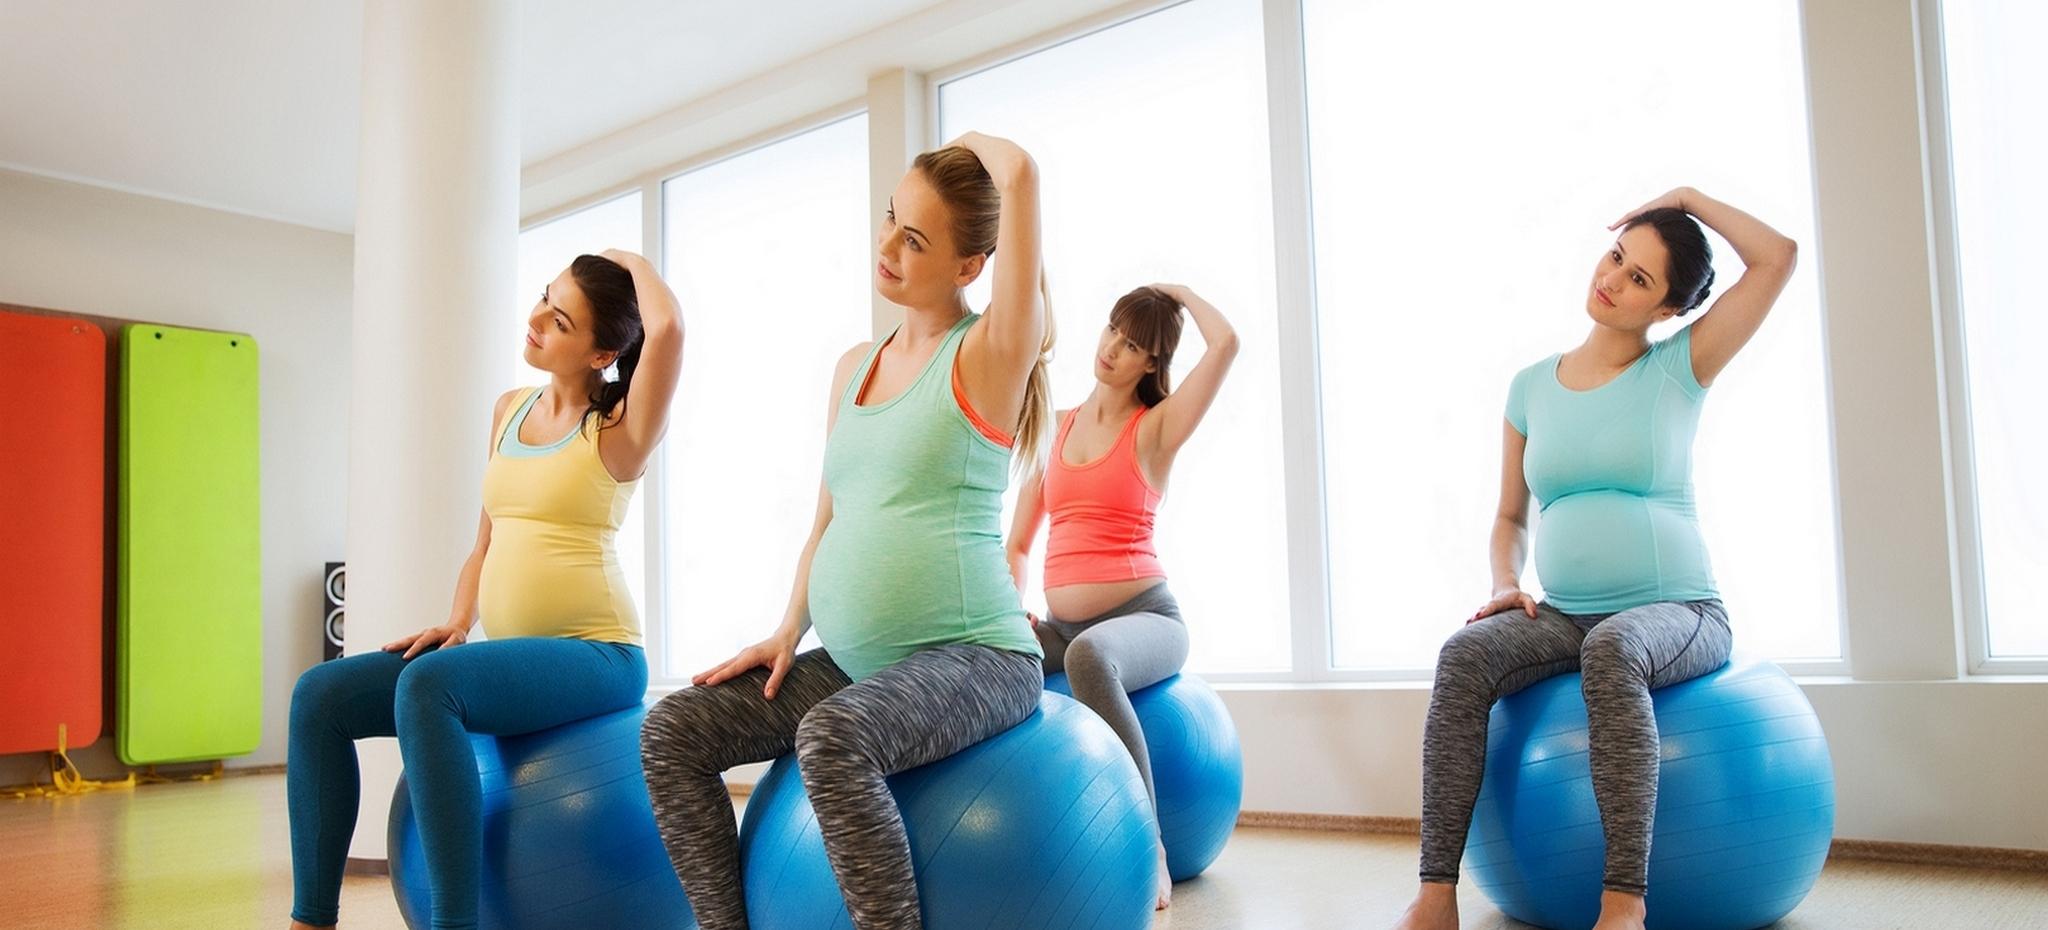 Sağlıklı doğumun püf noktaları